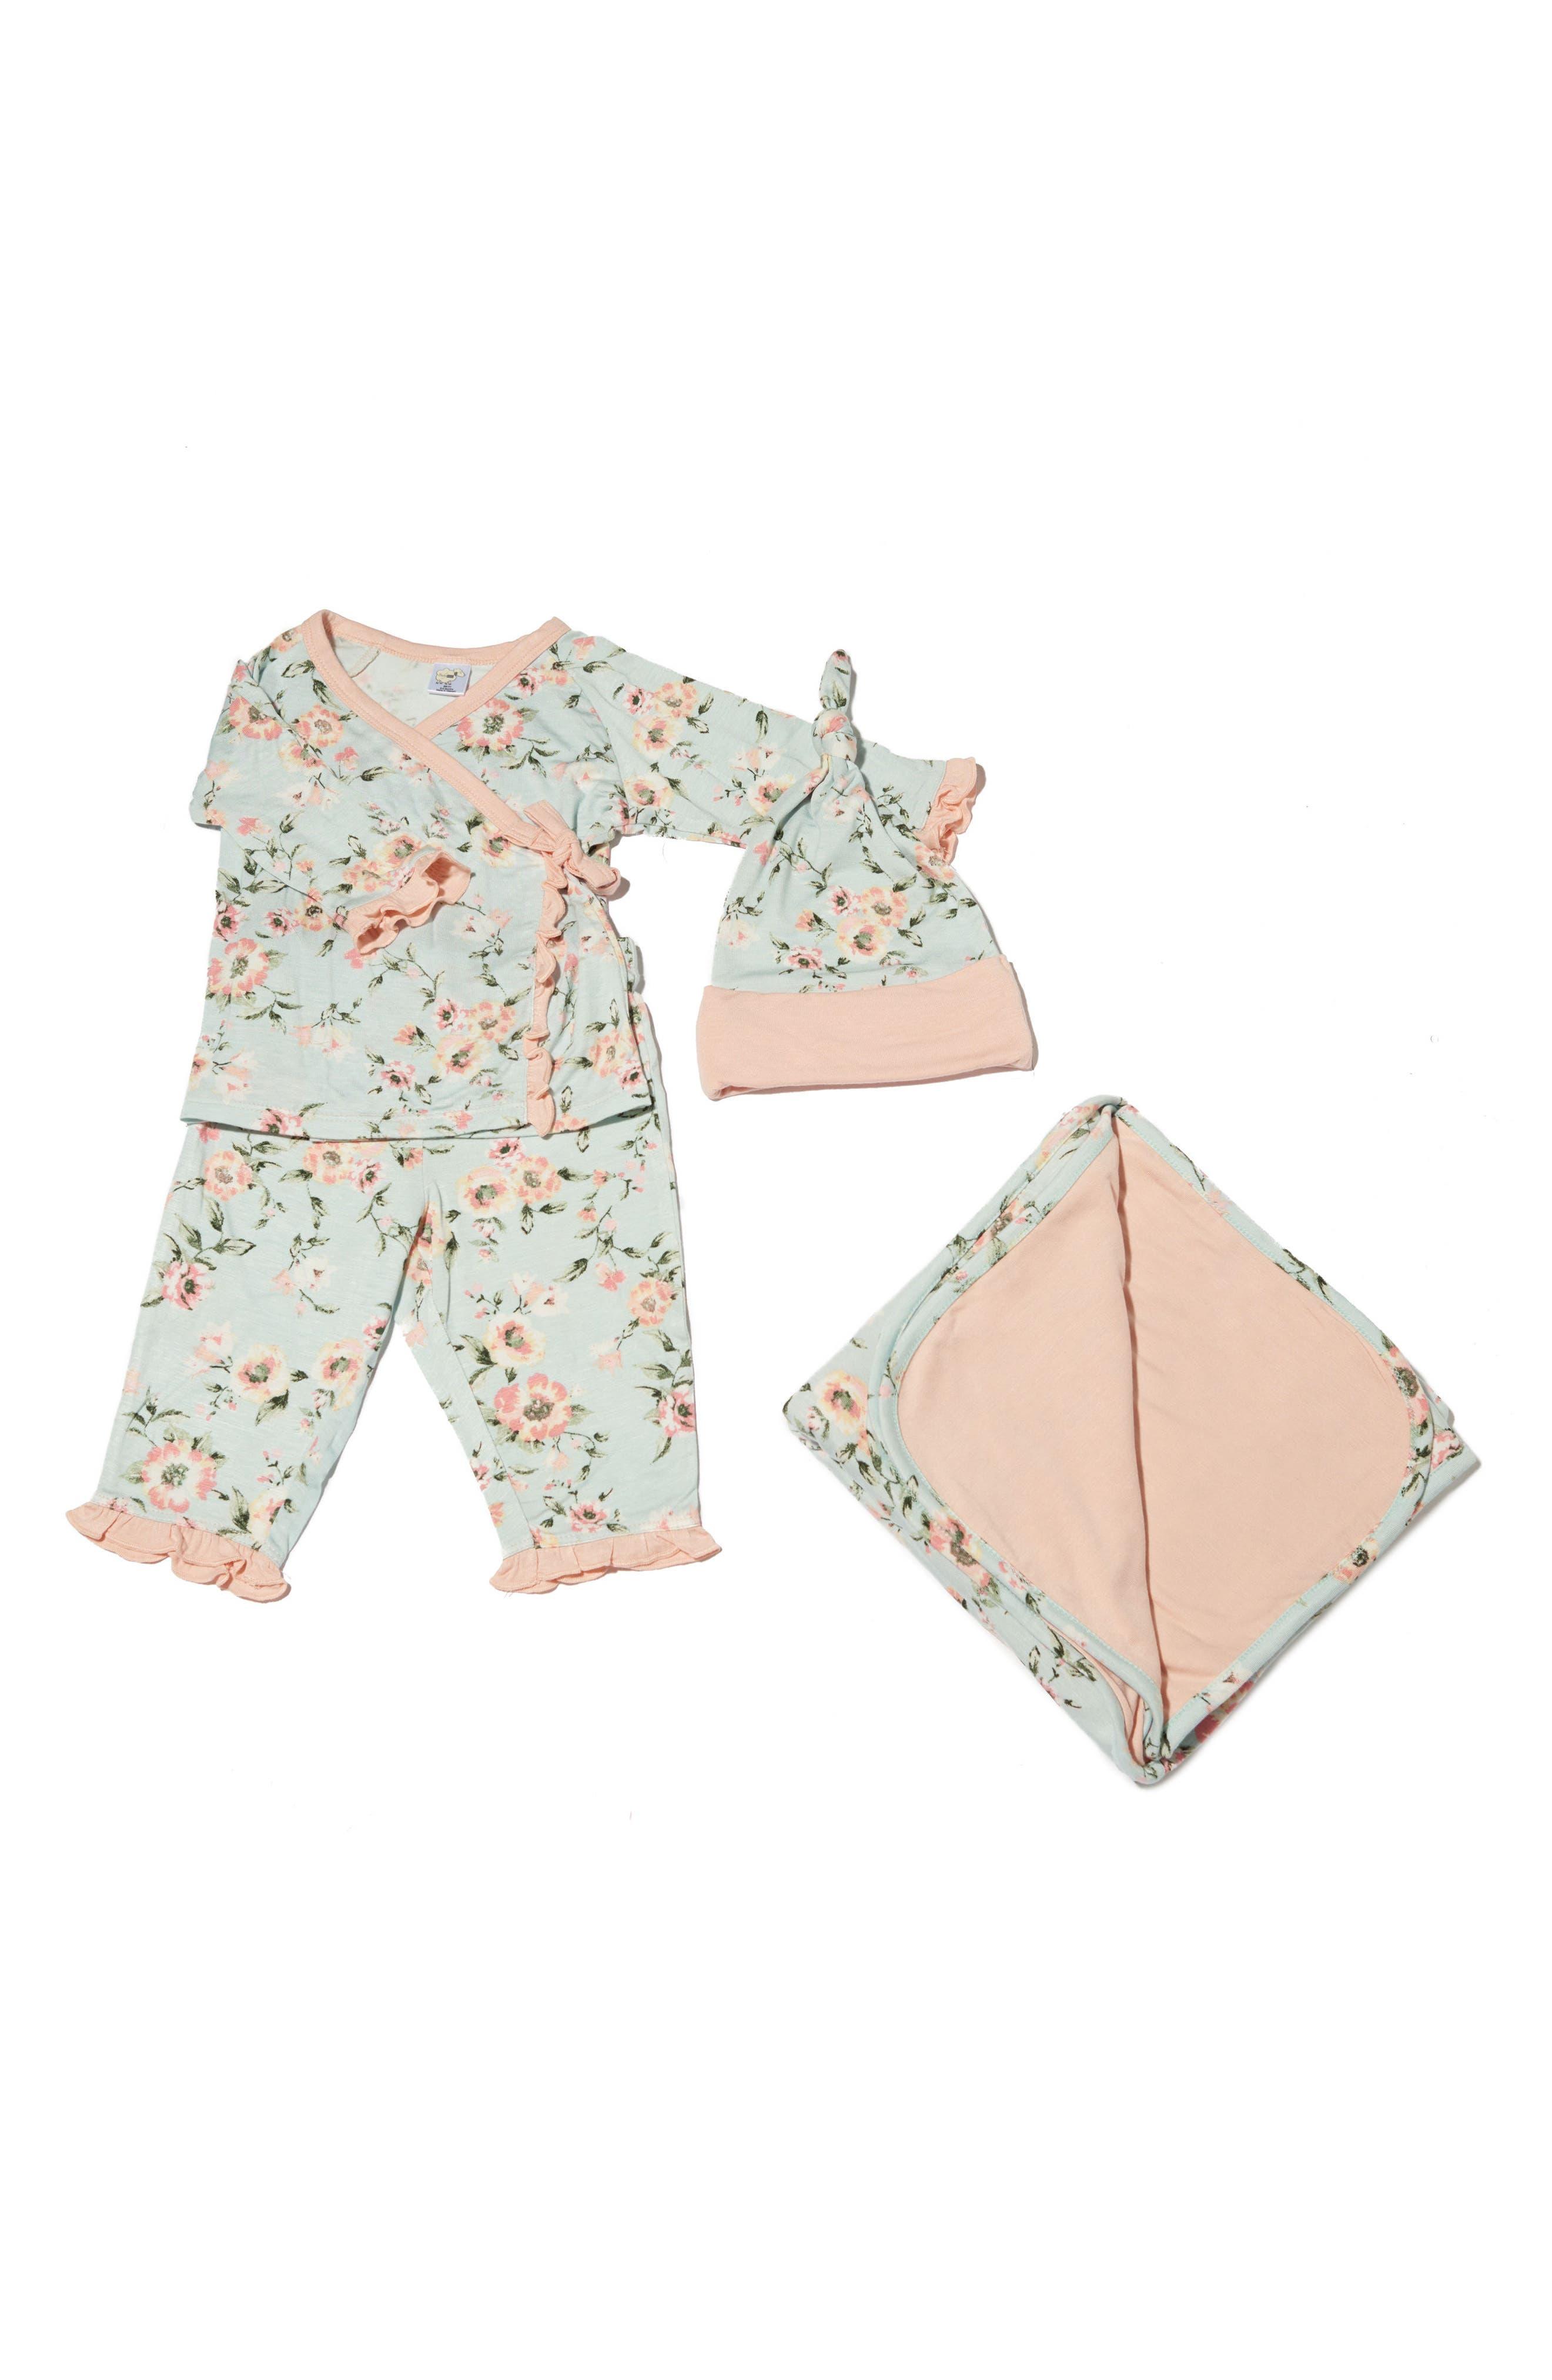 Baby Grey Ruffle Kimono Top, Pants, Hat & Receiving Blanket Set (Baby Girls)